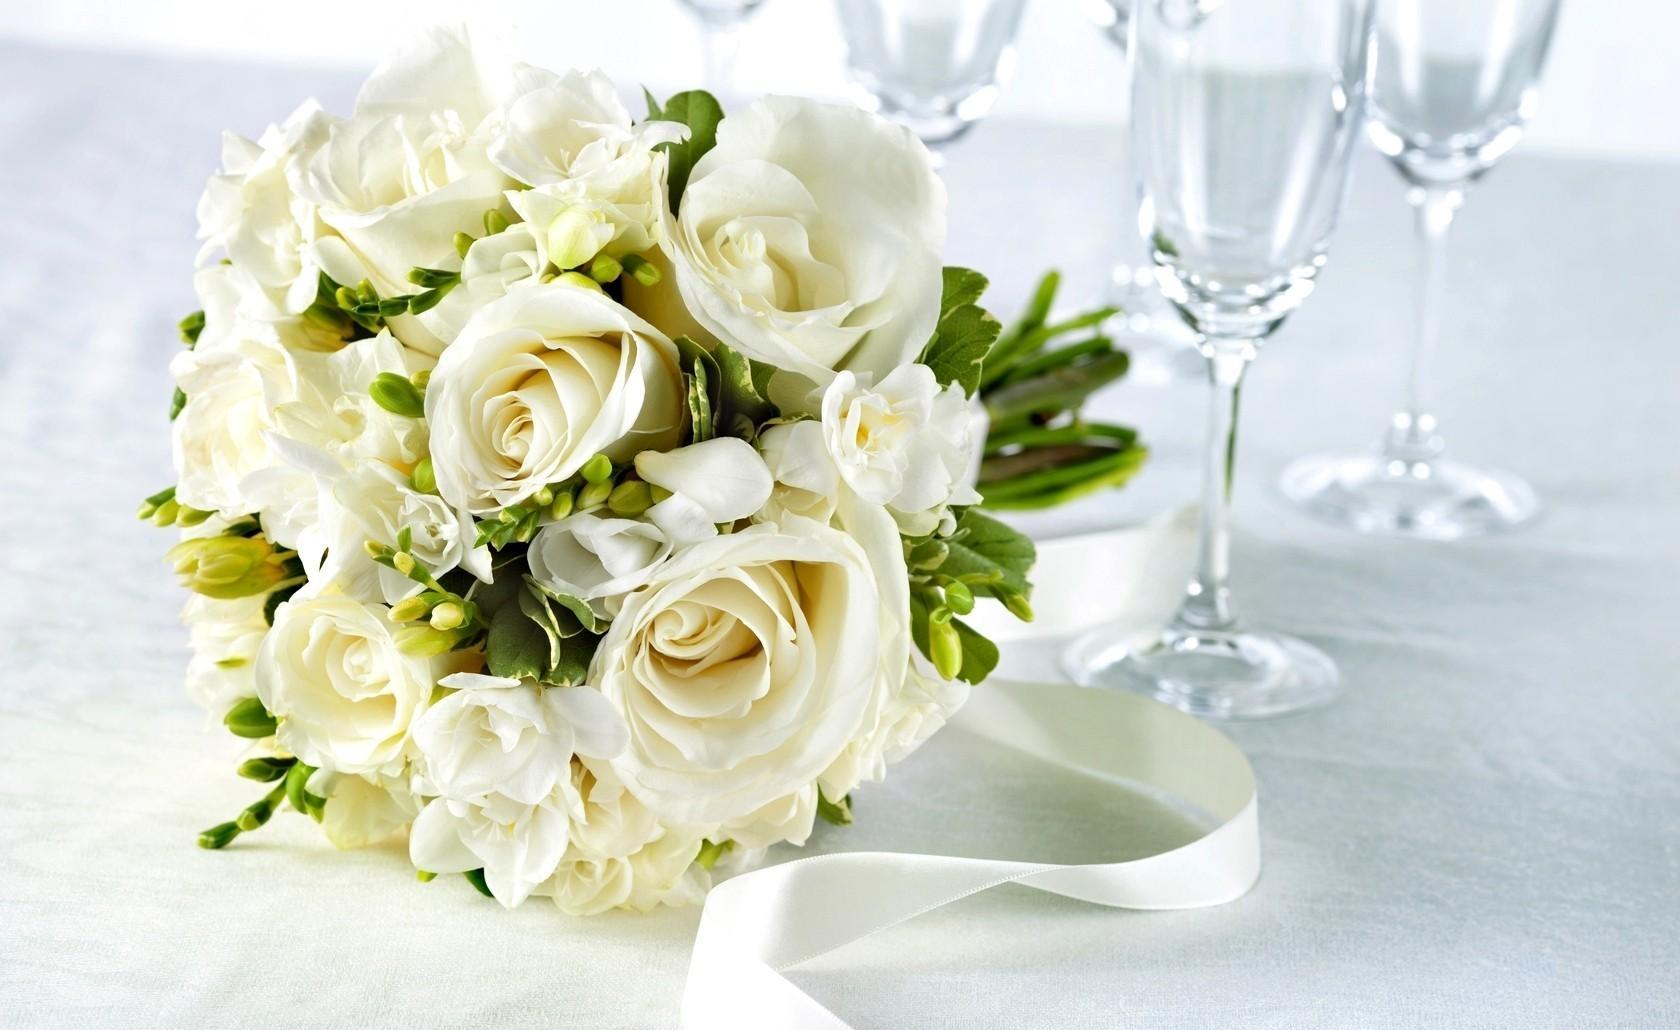 Wallpaper Roses Freesia Flowers Flower White Glasses Tape